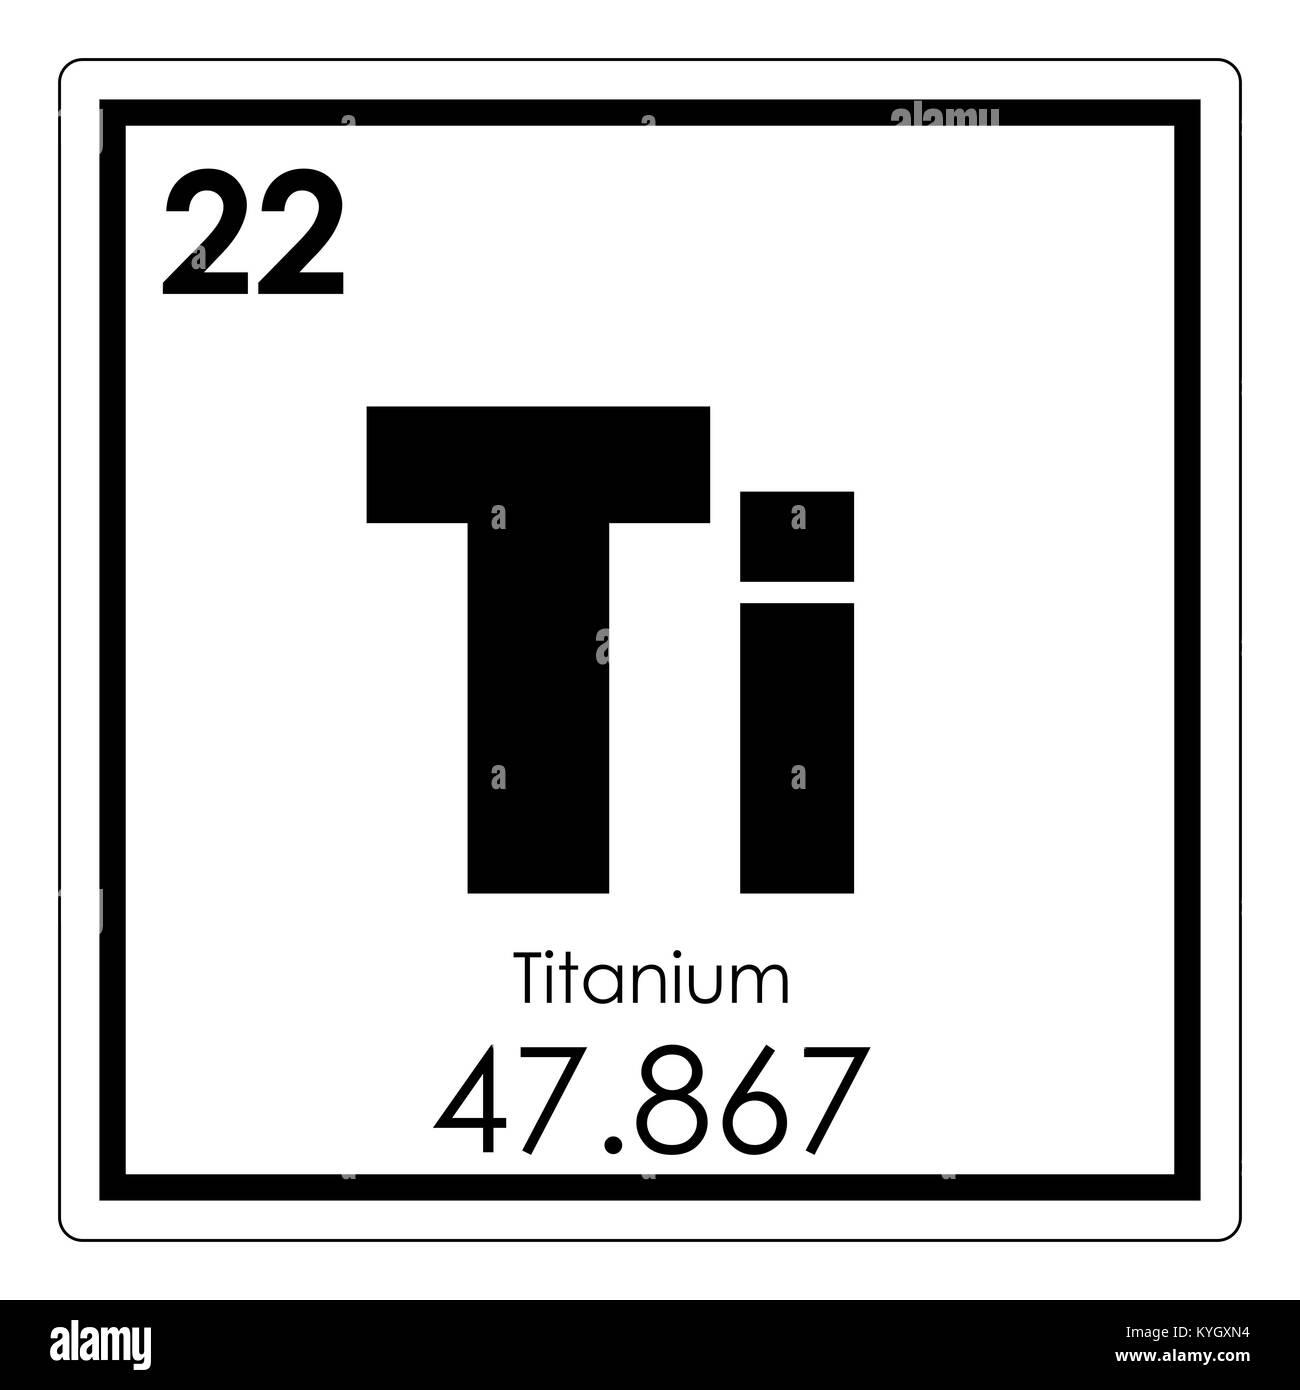 Tabla peridica de elementos qumicos de titanio smbolo de ciencia tabla peridica de elementos qumicos de titanio smbolo de ciencia urtaz Images